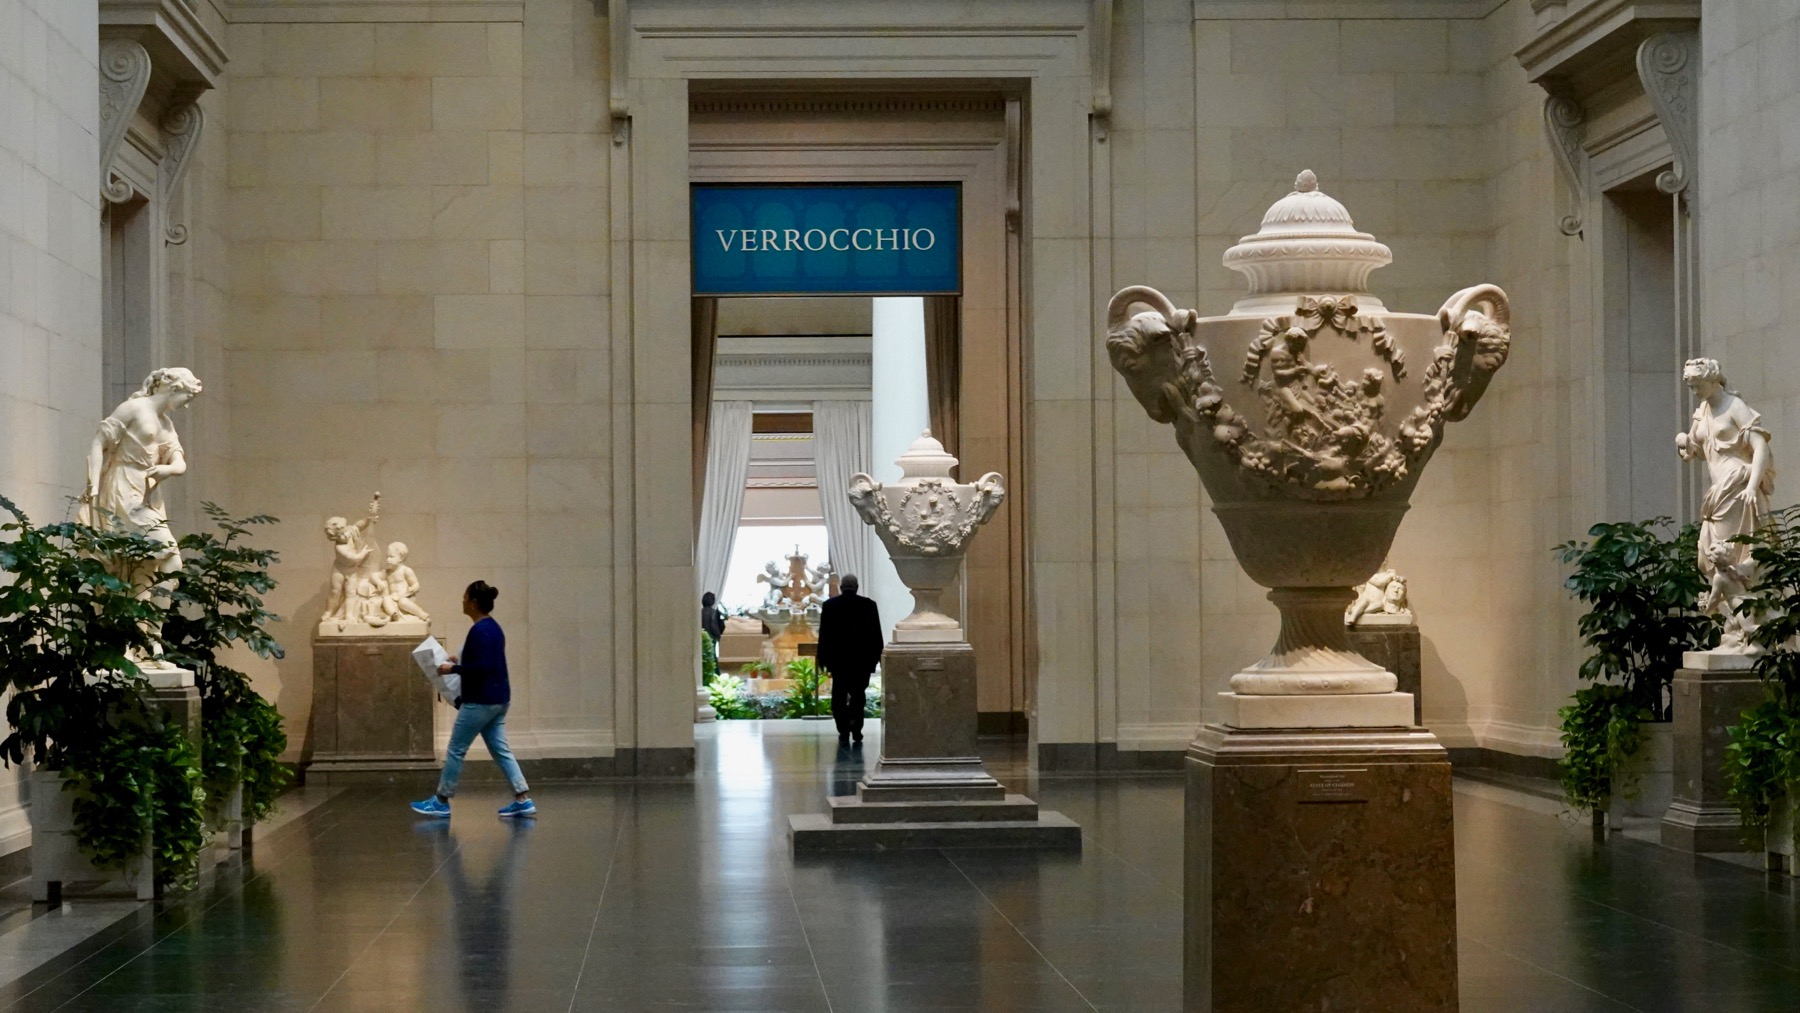 Verrocchio banner